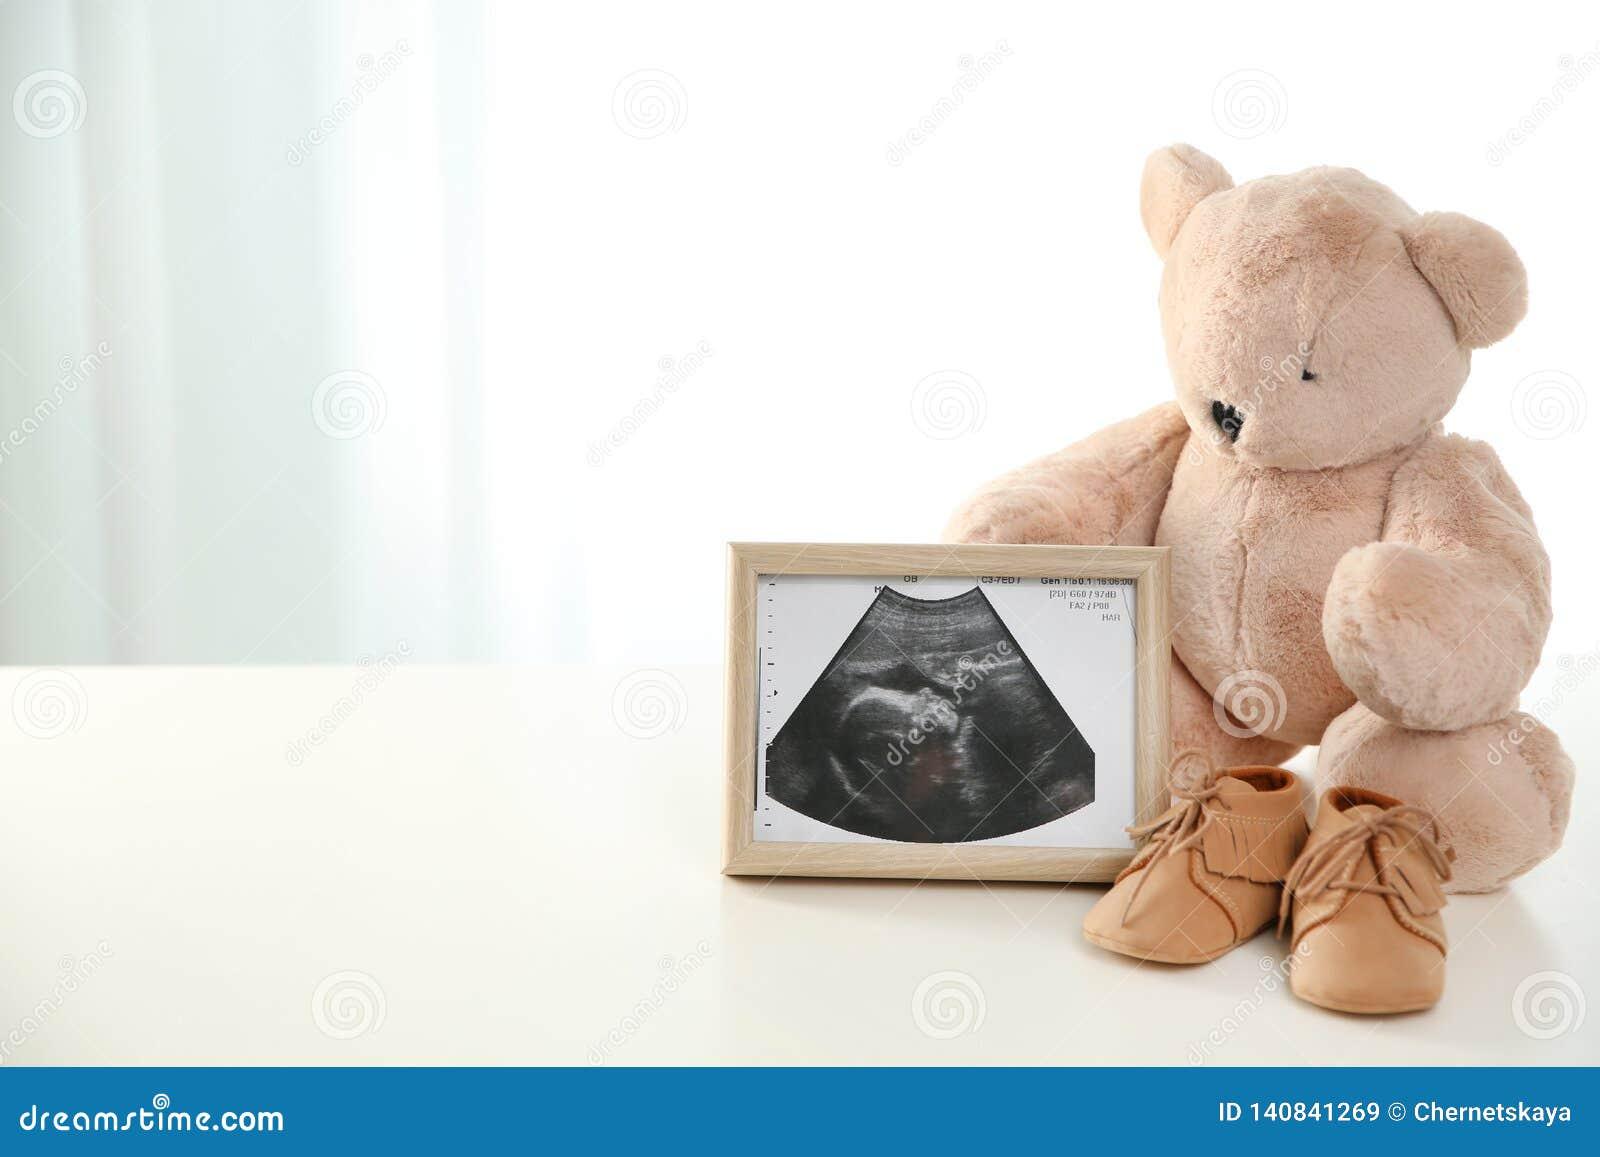 Imagen del ultrasonido, oso de peluche y zapatos de bebé en la tabla contra fondo ligero